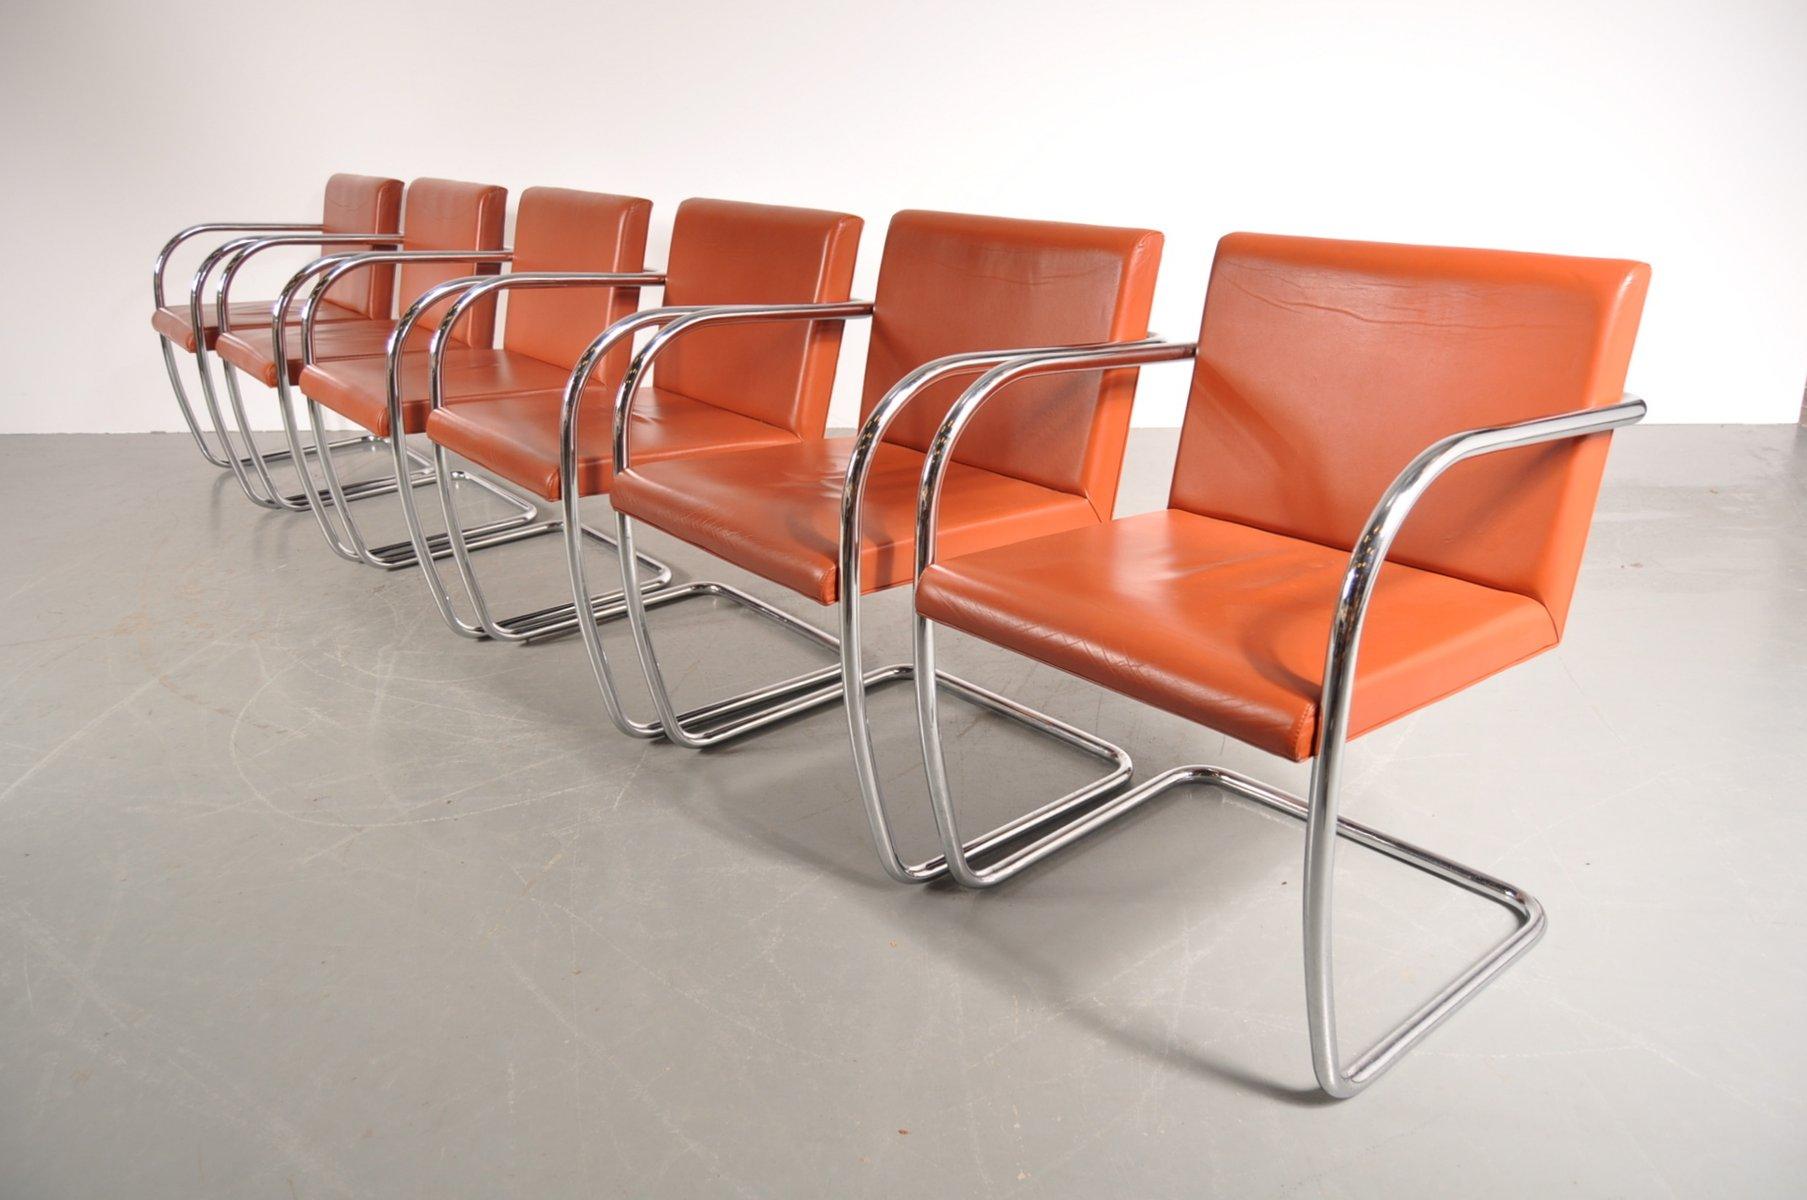 bnro stuhl aus cognacfarbenem leder chrom von ludwig. Black Bedroom Furniture Sets. Home Design Ideas